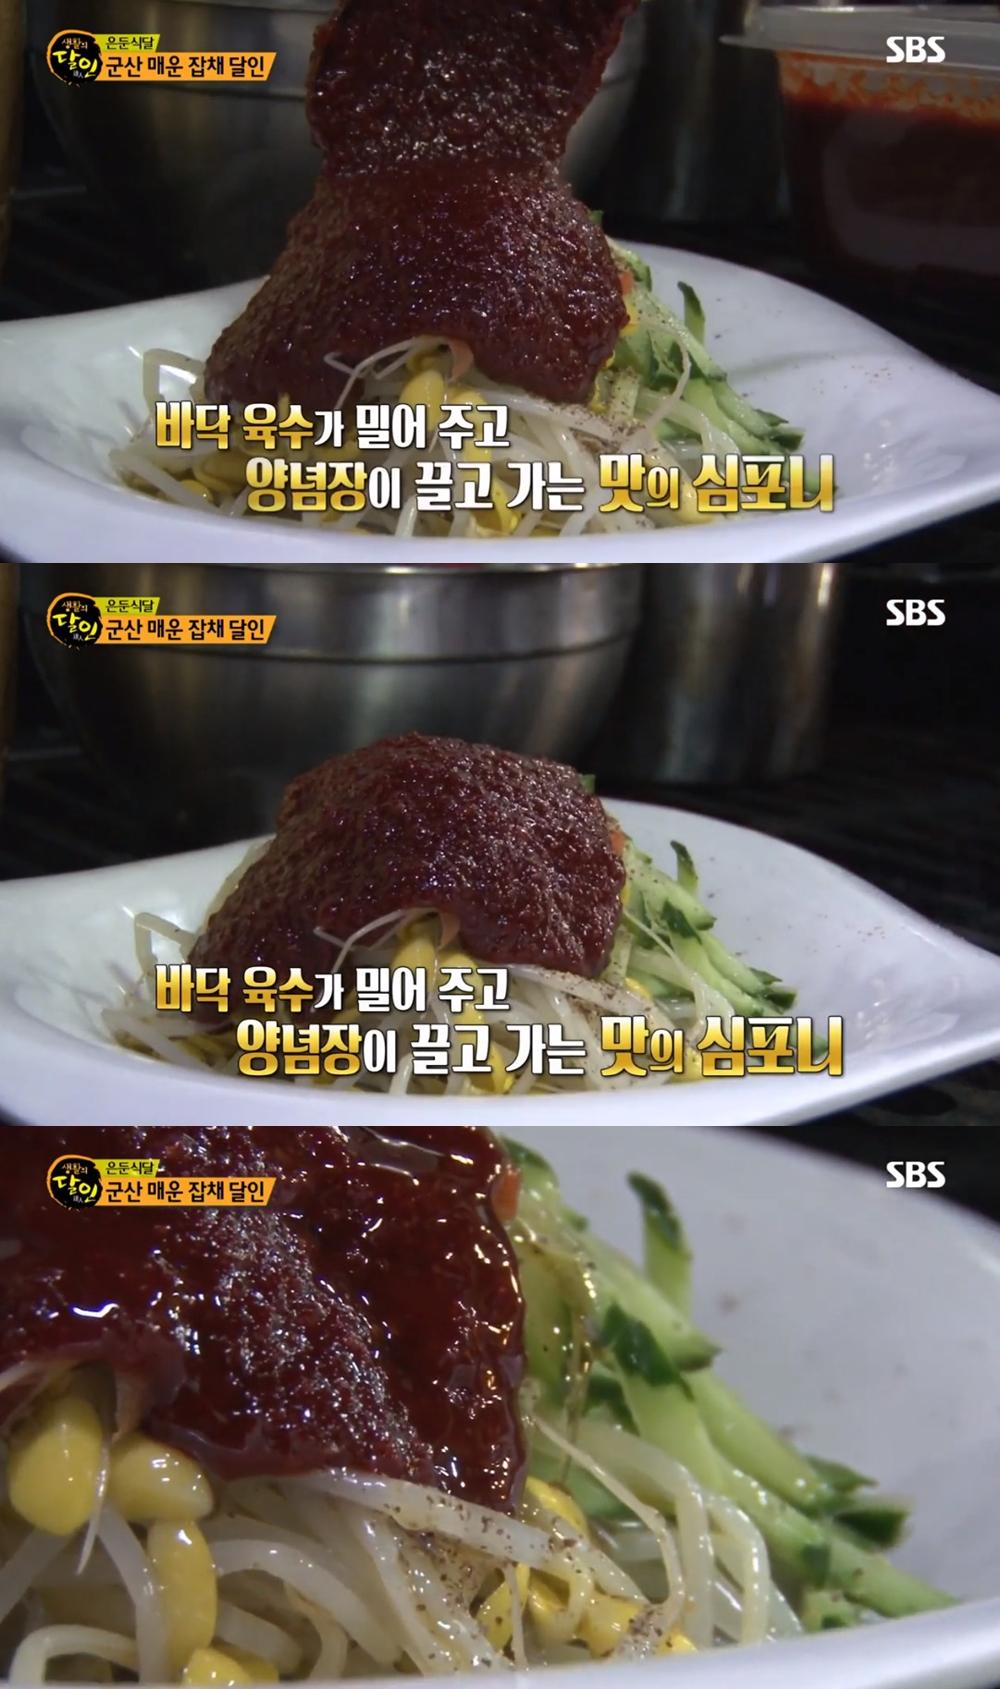 '생활의 달인-은둔식달' 군산 매운 잡채 달인, 중앙로 맛집 나들목 '얼마나 맛있길래?'